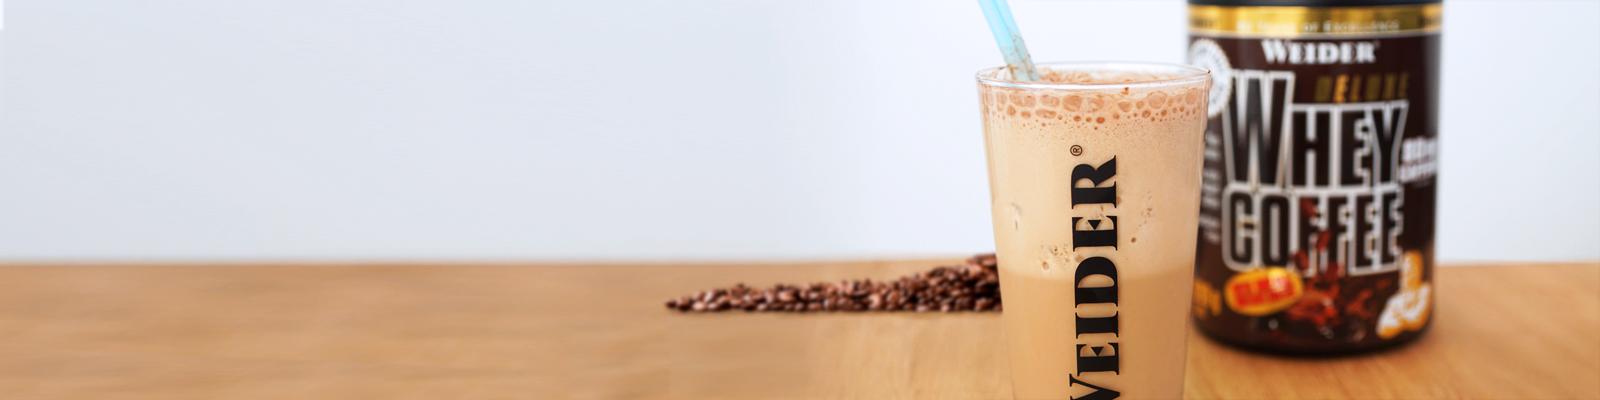 Frappé de café proteico